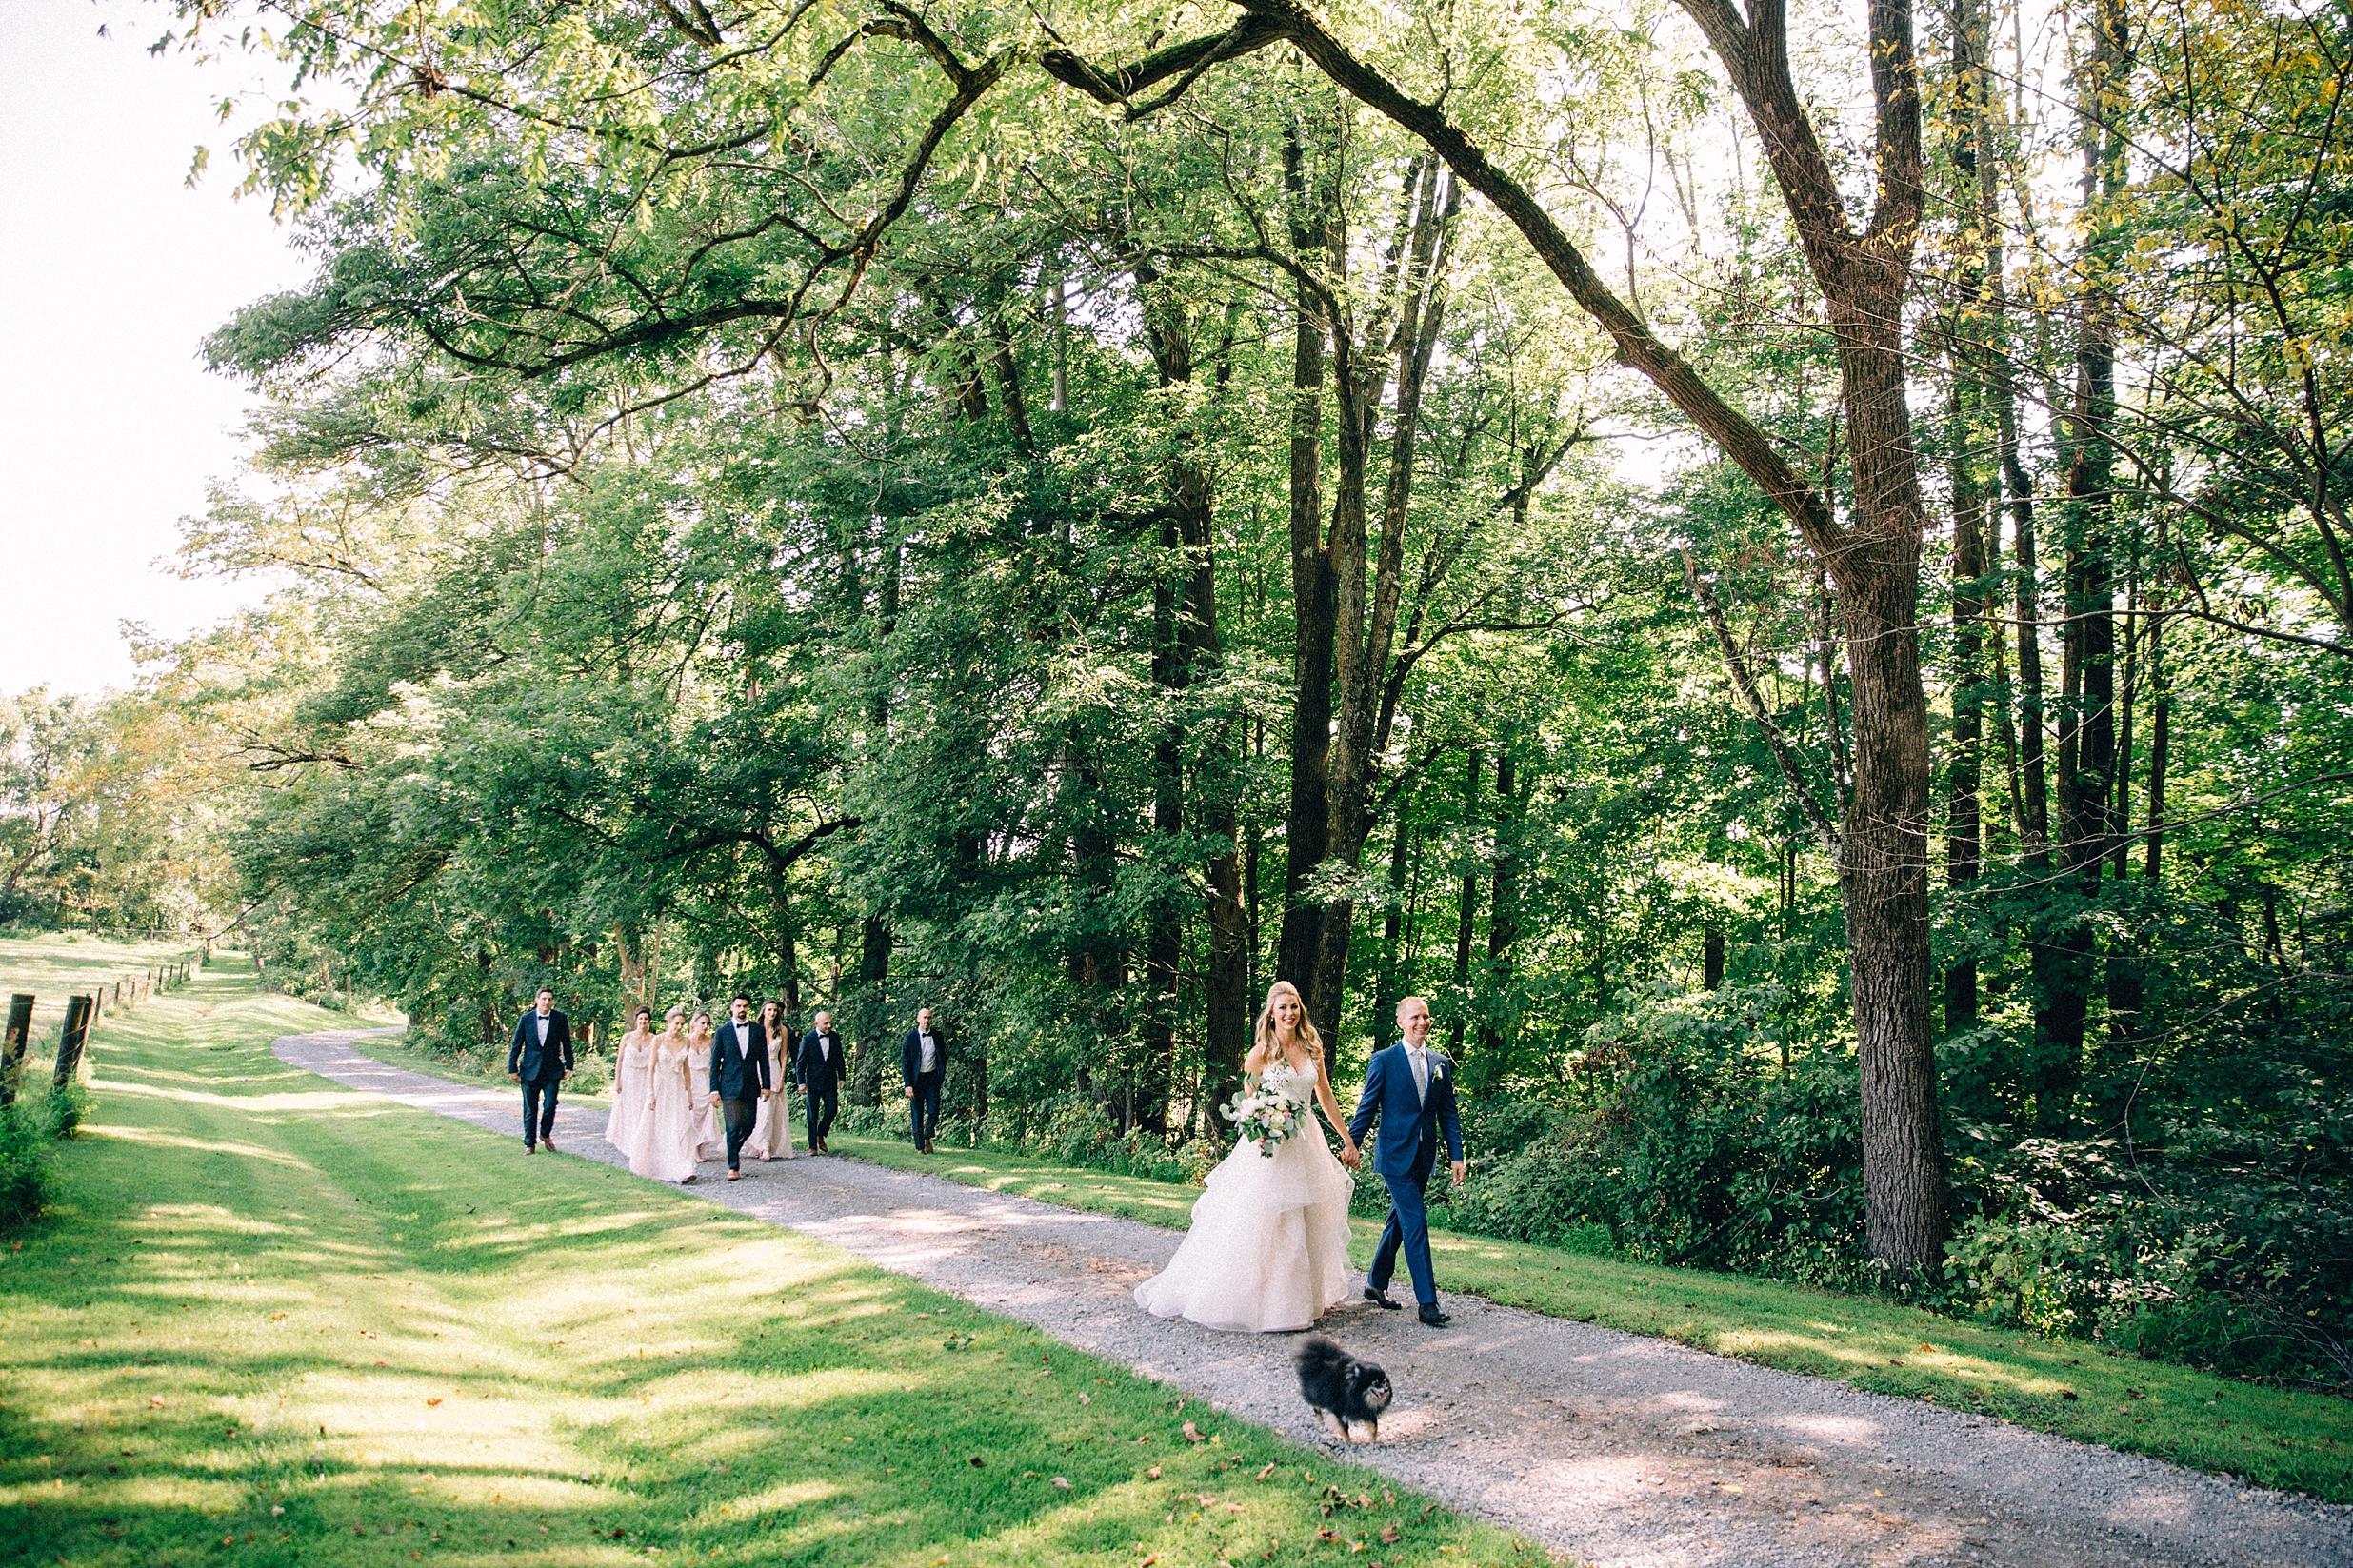 childhood-home-wedding-new-hope-pa-lambertville-nj_0105.jpg